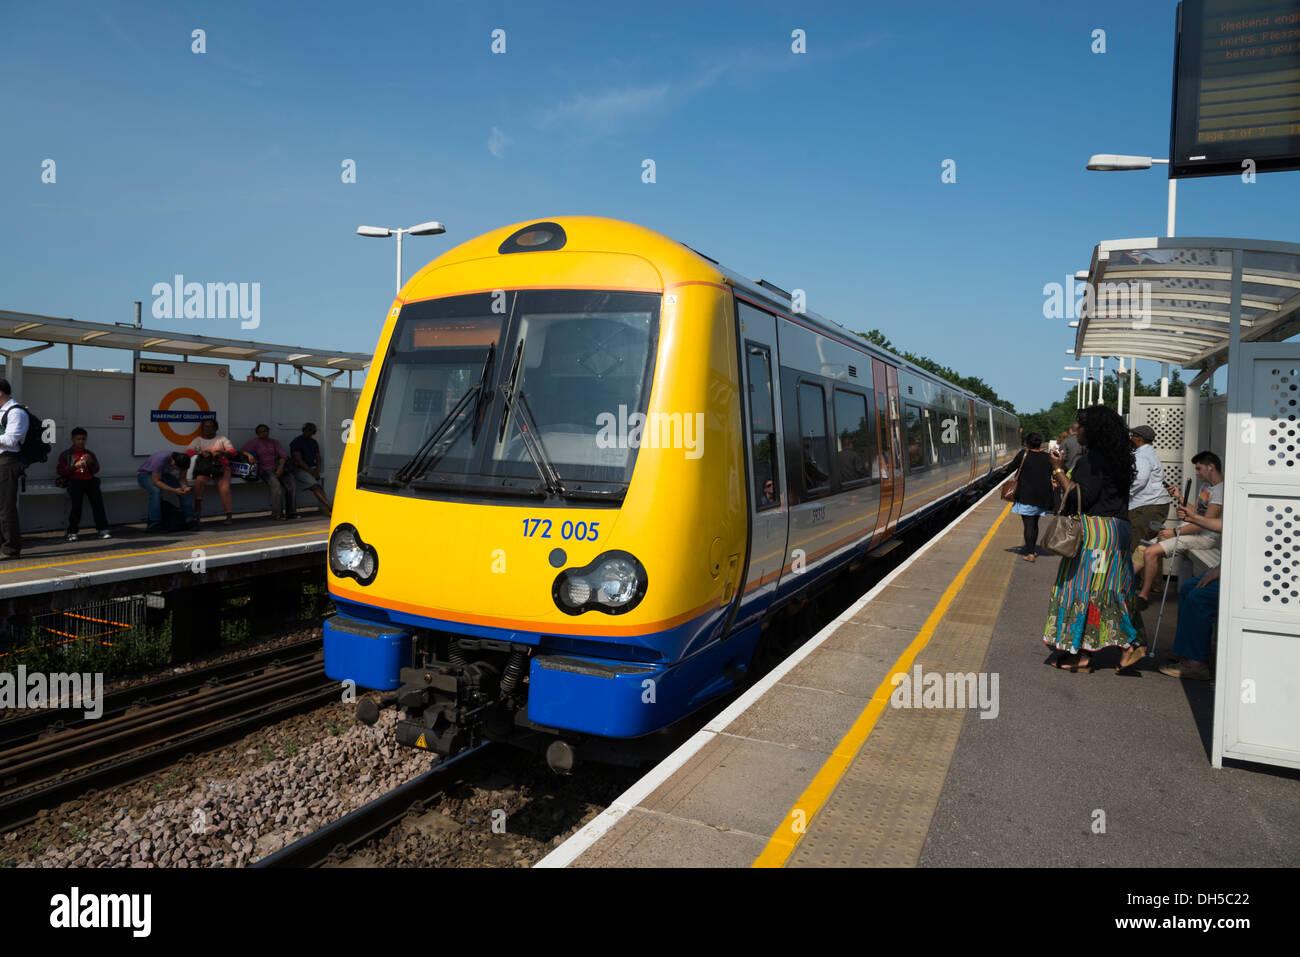 London Overground train pulling into Harringay Green Lanes station, London, England, UK - Stock Image